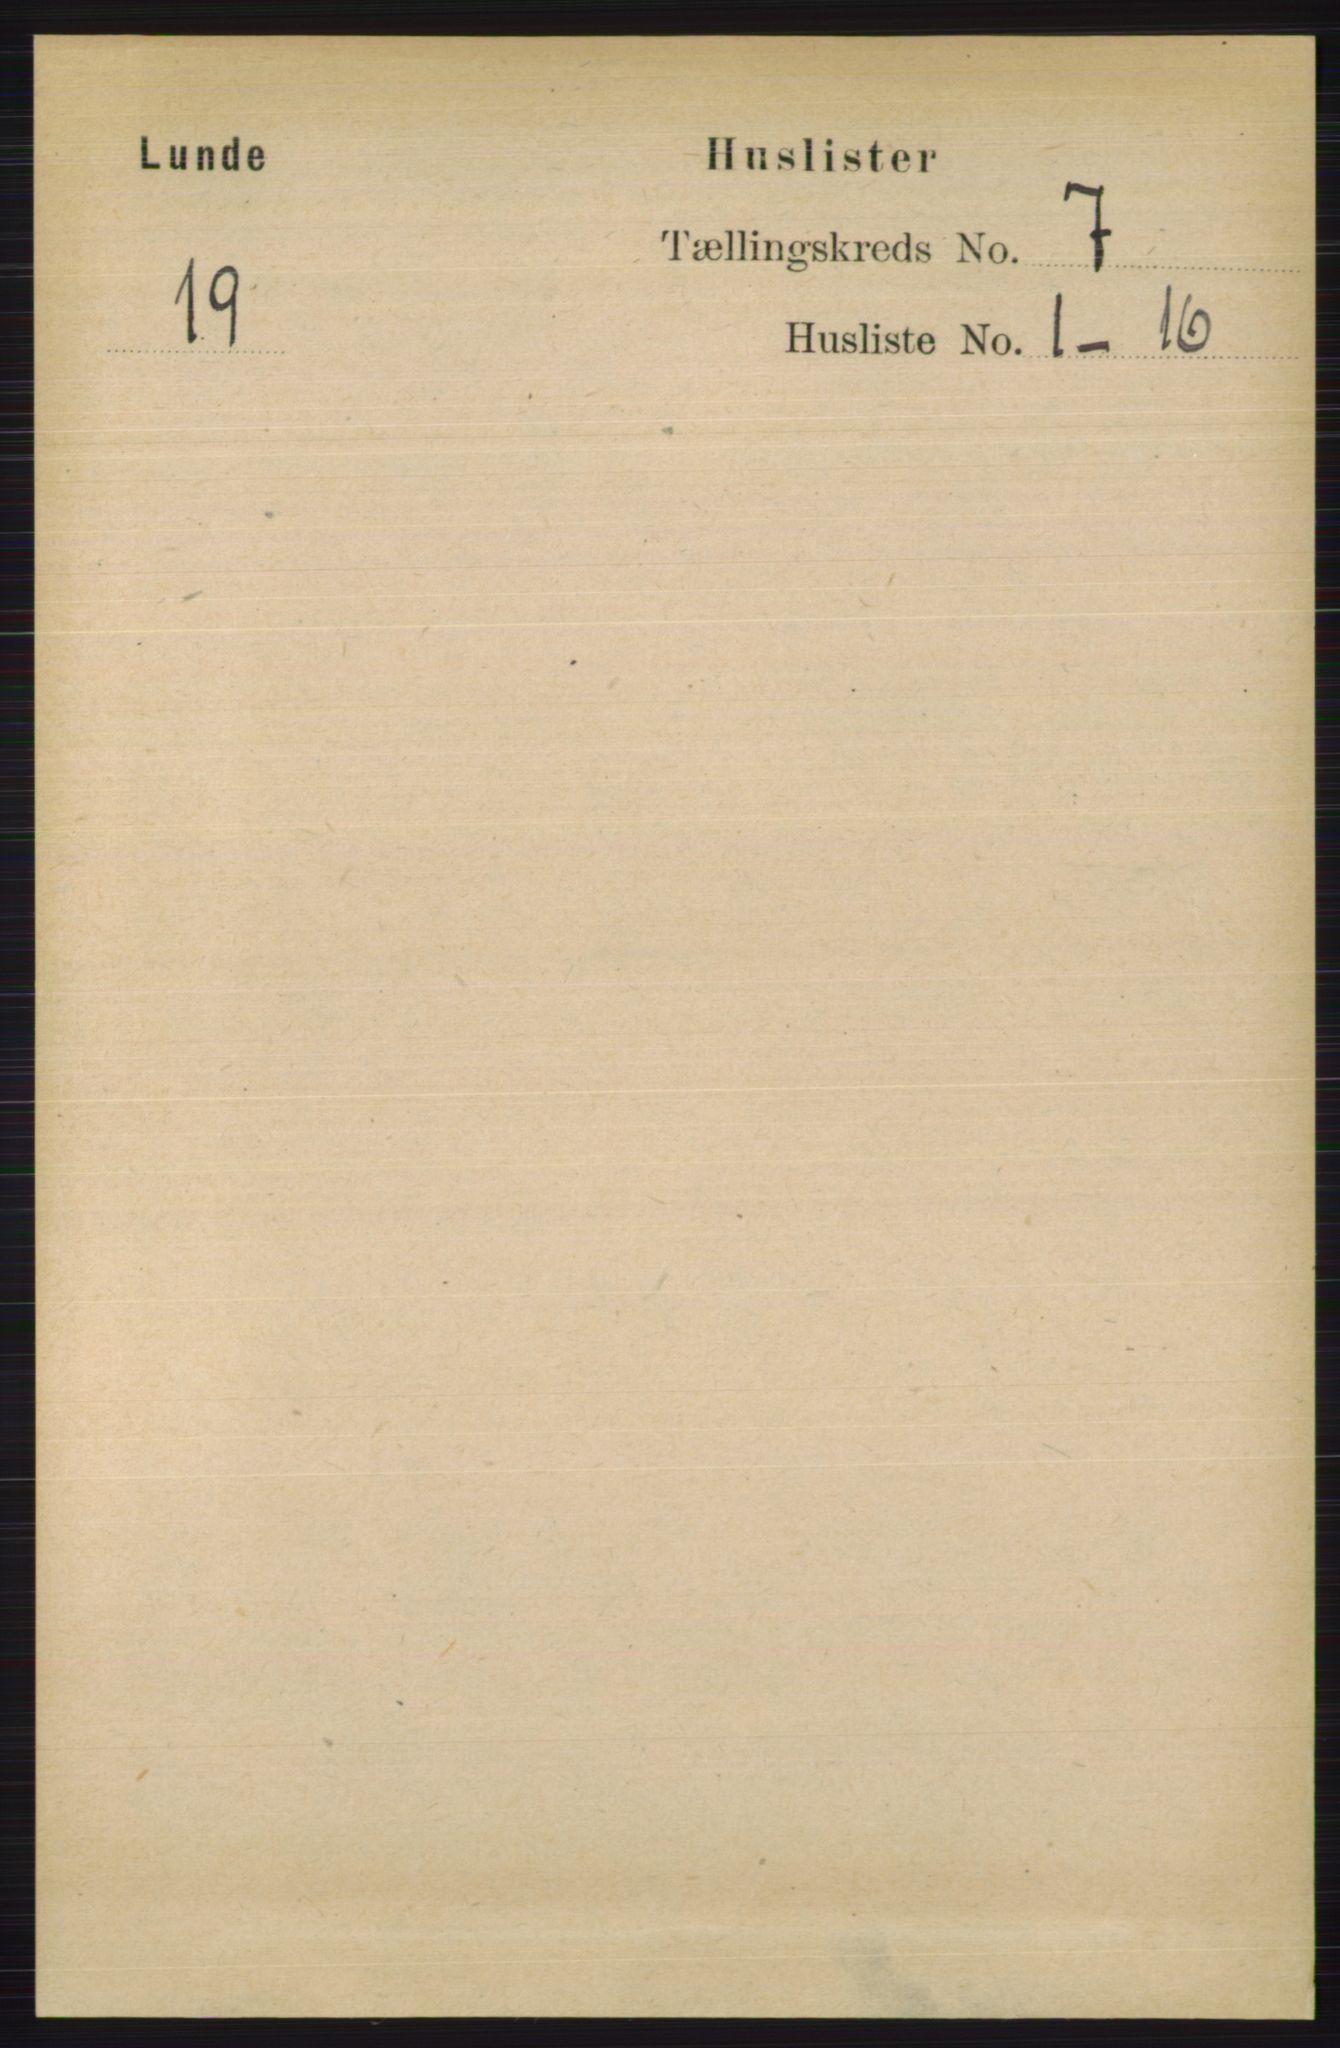 RA, Folketelling 1891 for 0820 Lunde herred, 1891, s. 2180